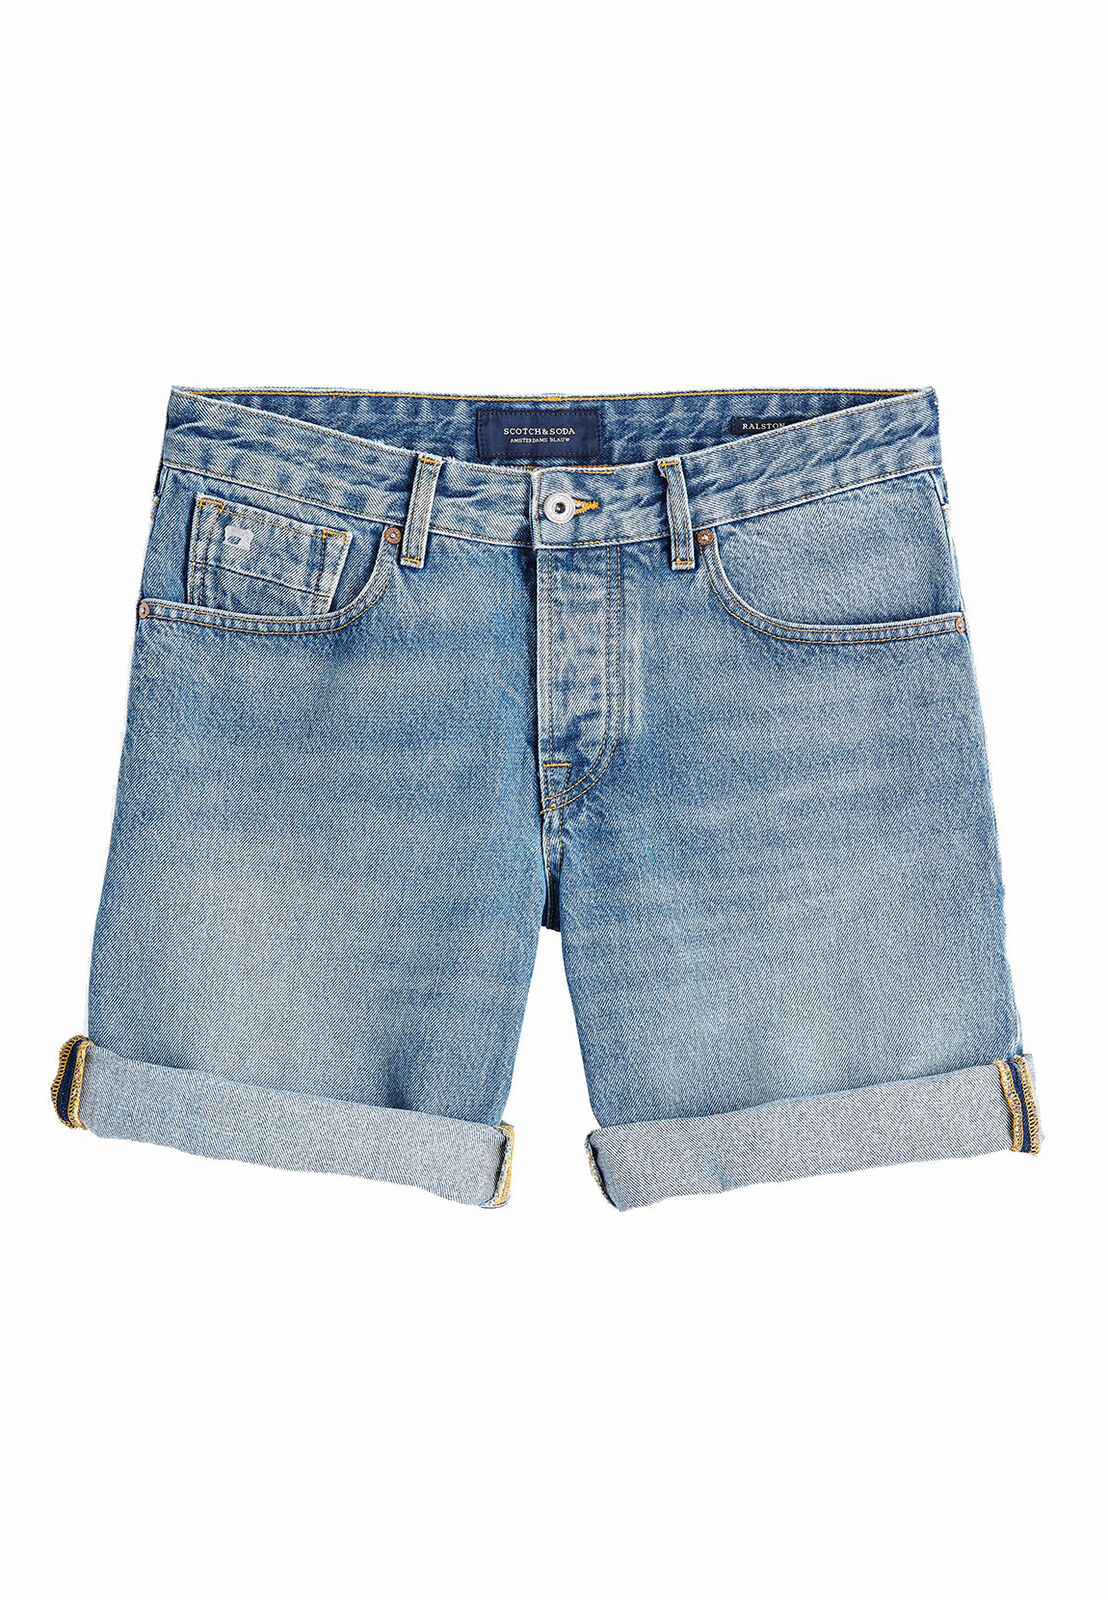 Scotch&Soda men Pantalones Cortos Ralston 148670 blue Claro 2615 Su